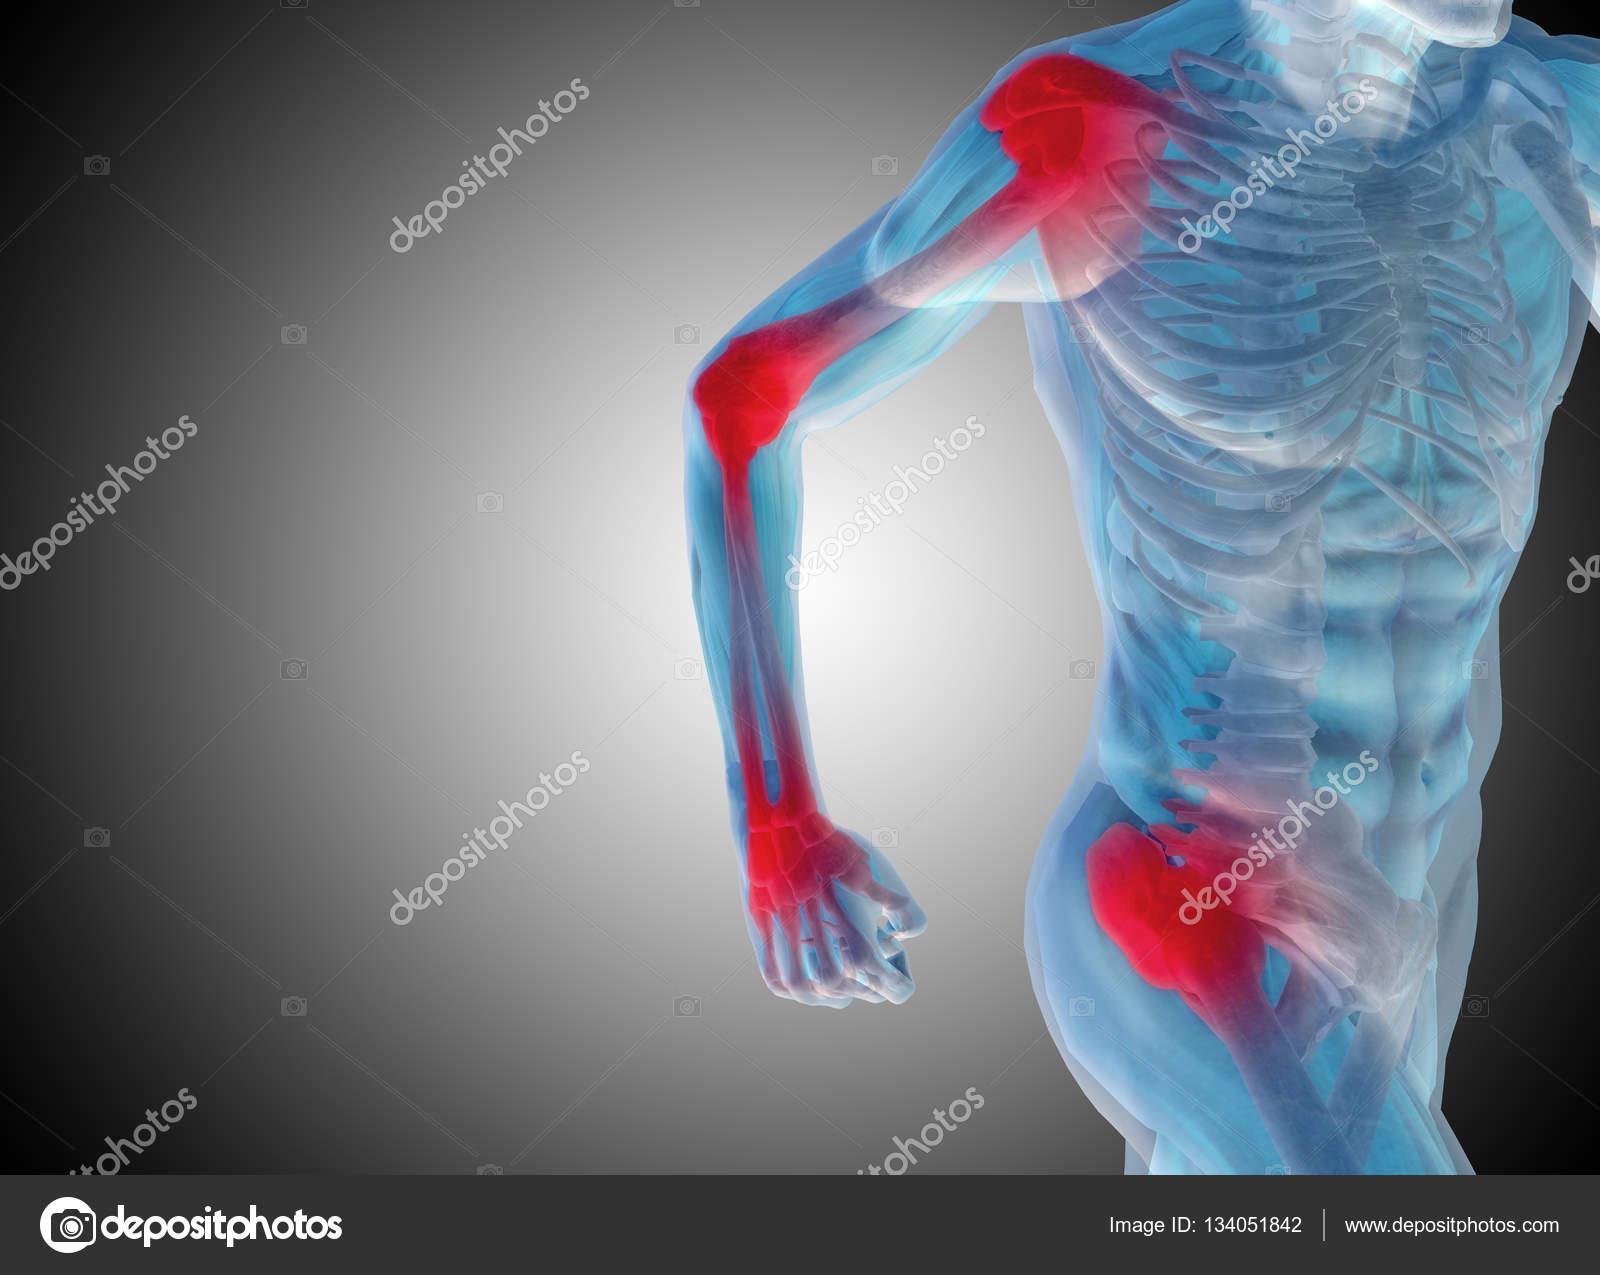 anatomía humana sobre fondo gris — Fotos de Stock © design36 #134051842